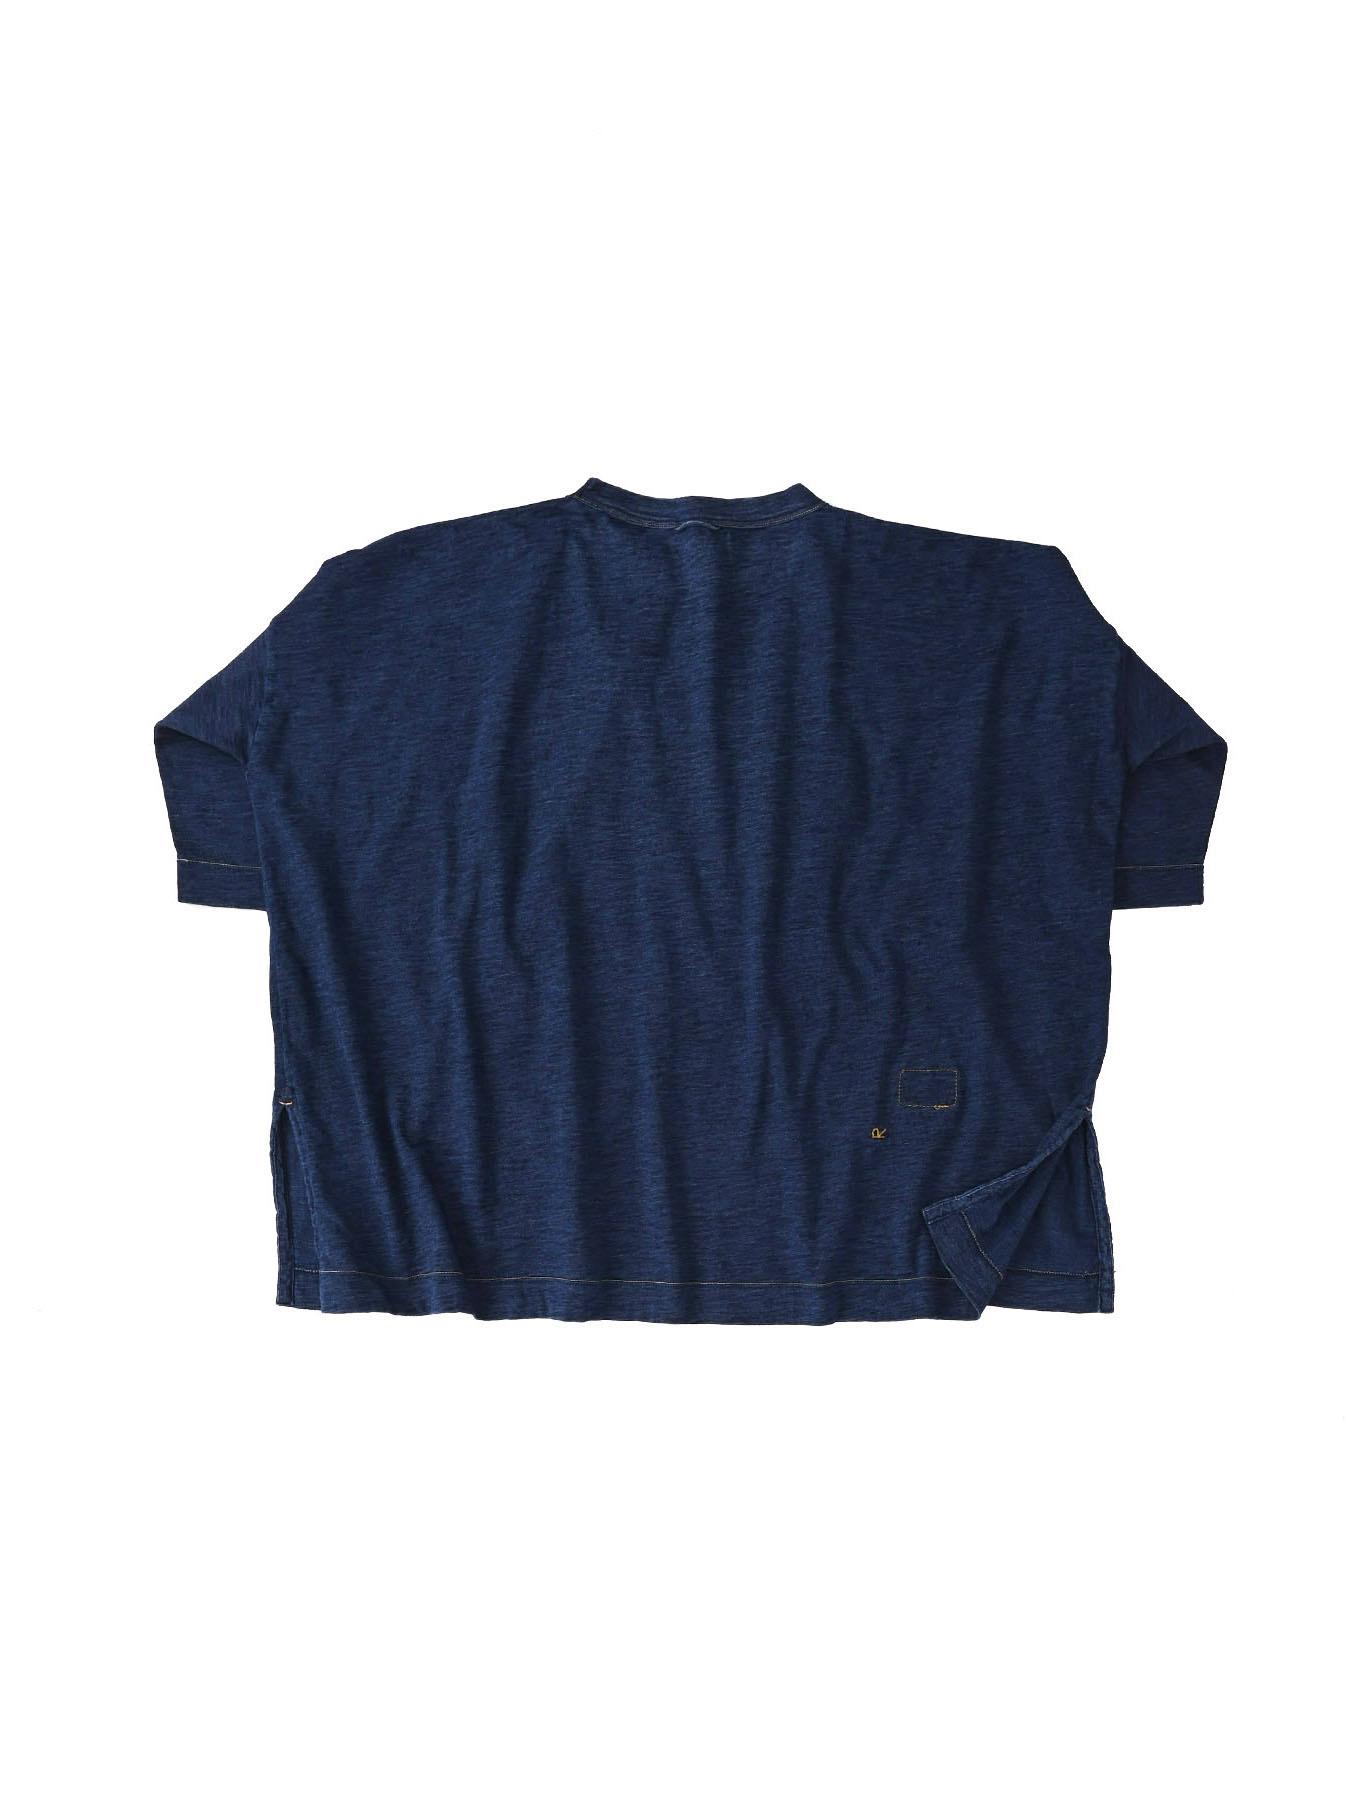 Indigo Zyu Zimbabwe Cotton Big Slit T-shirt (0721)-6